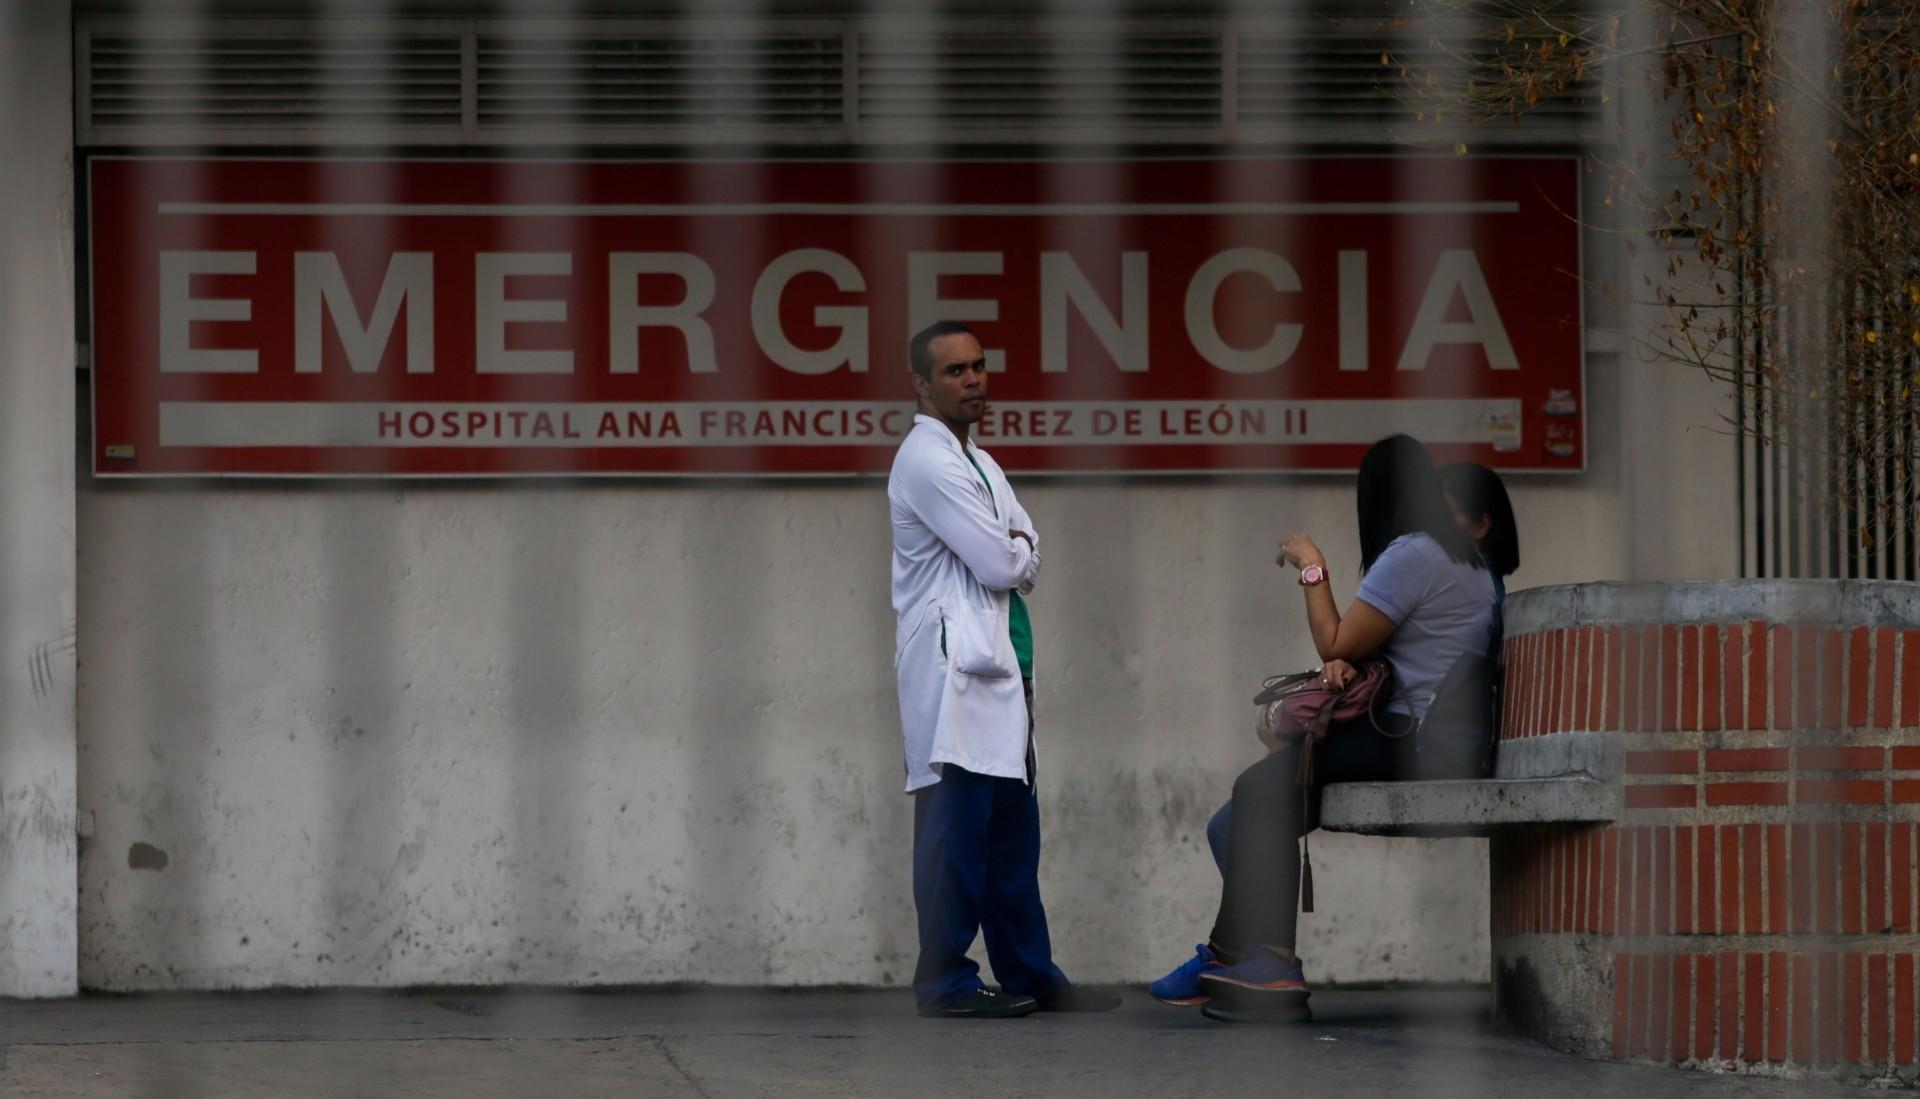 """El sistema de salud de Venezuela no está preparado para el coronavirus: """"Ni siquiera tenemos guantes o mascarillas"""" - Infobae"""